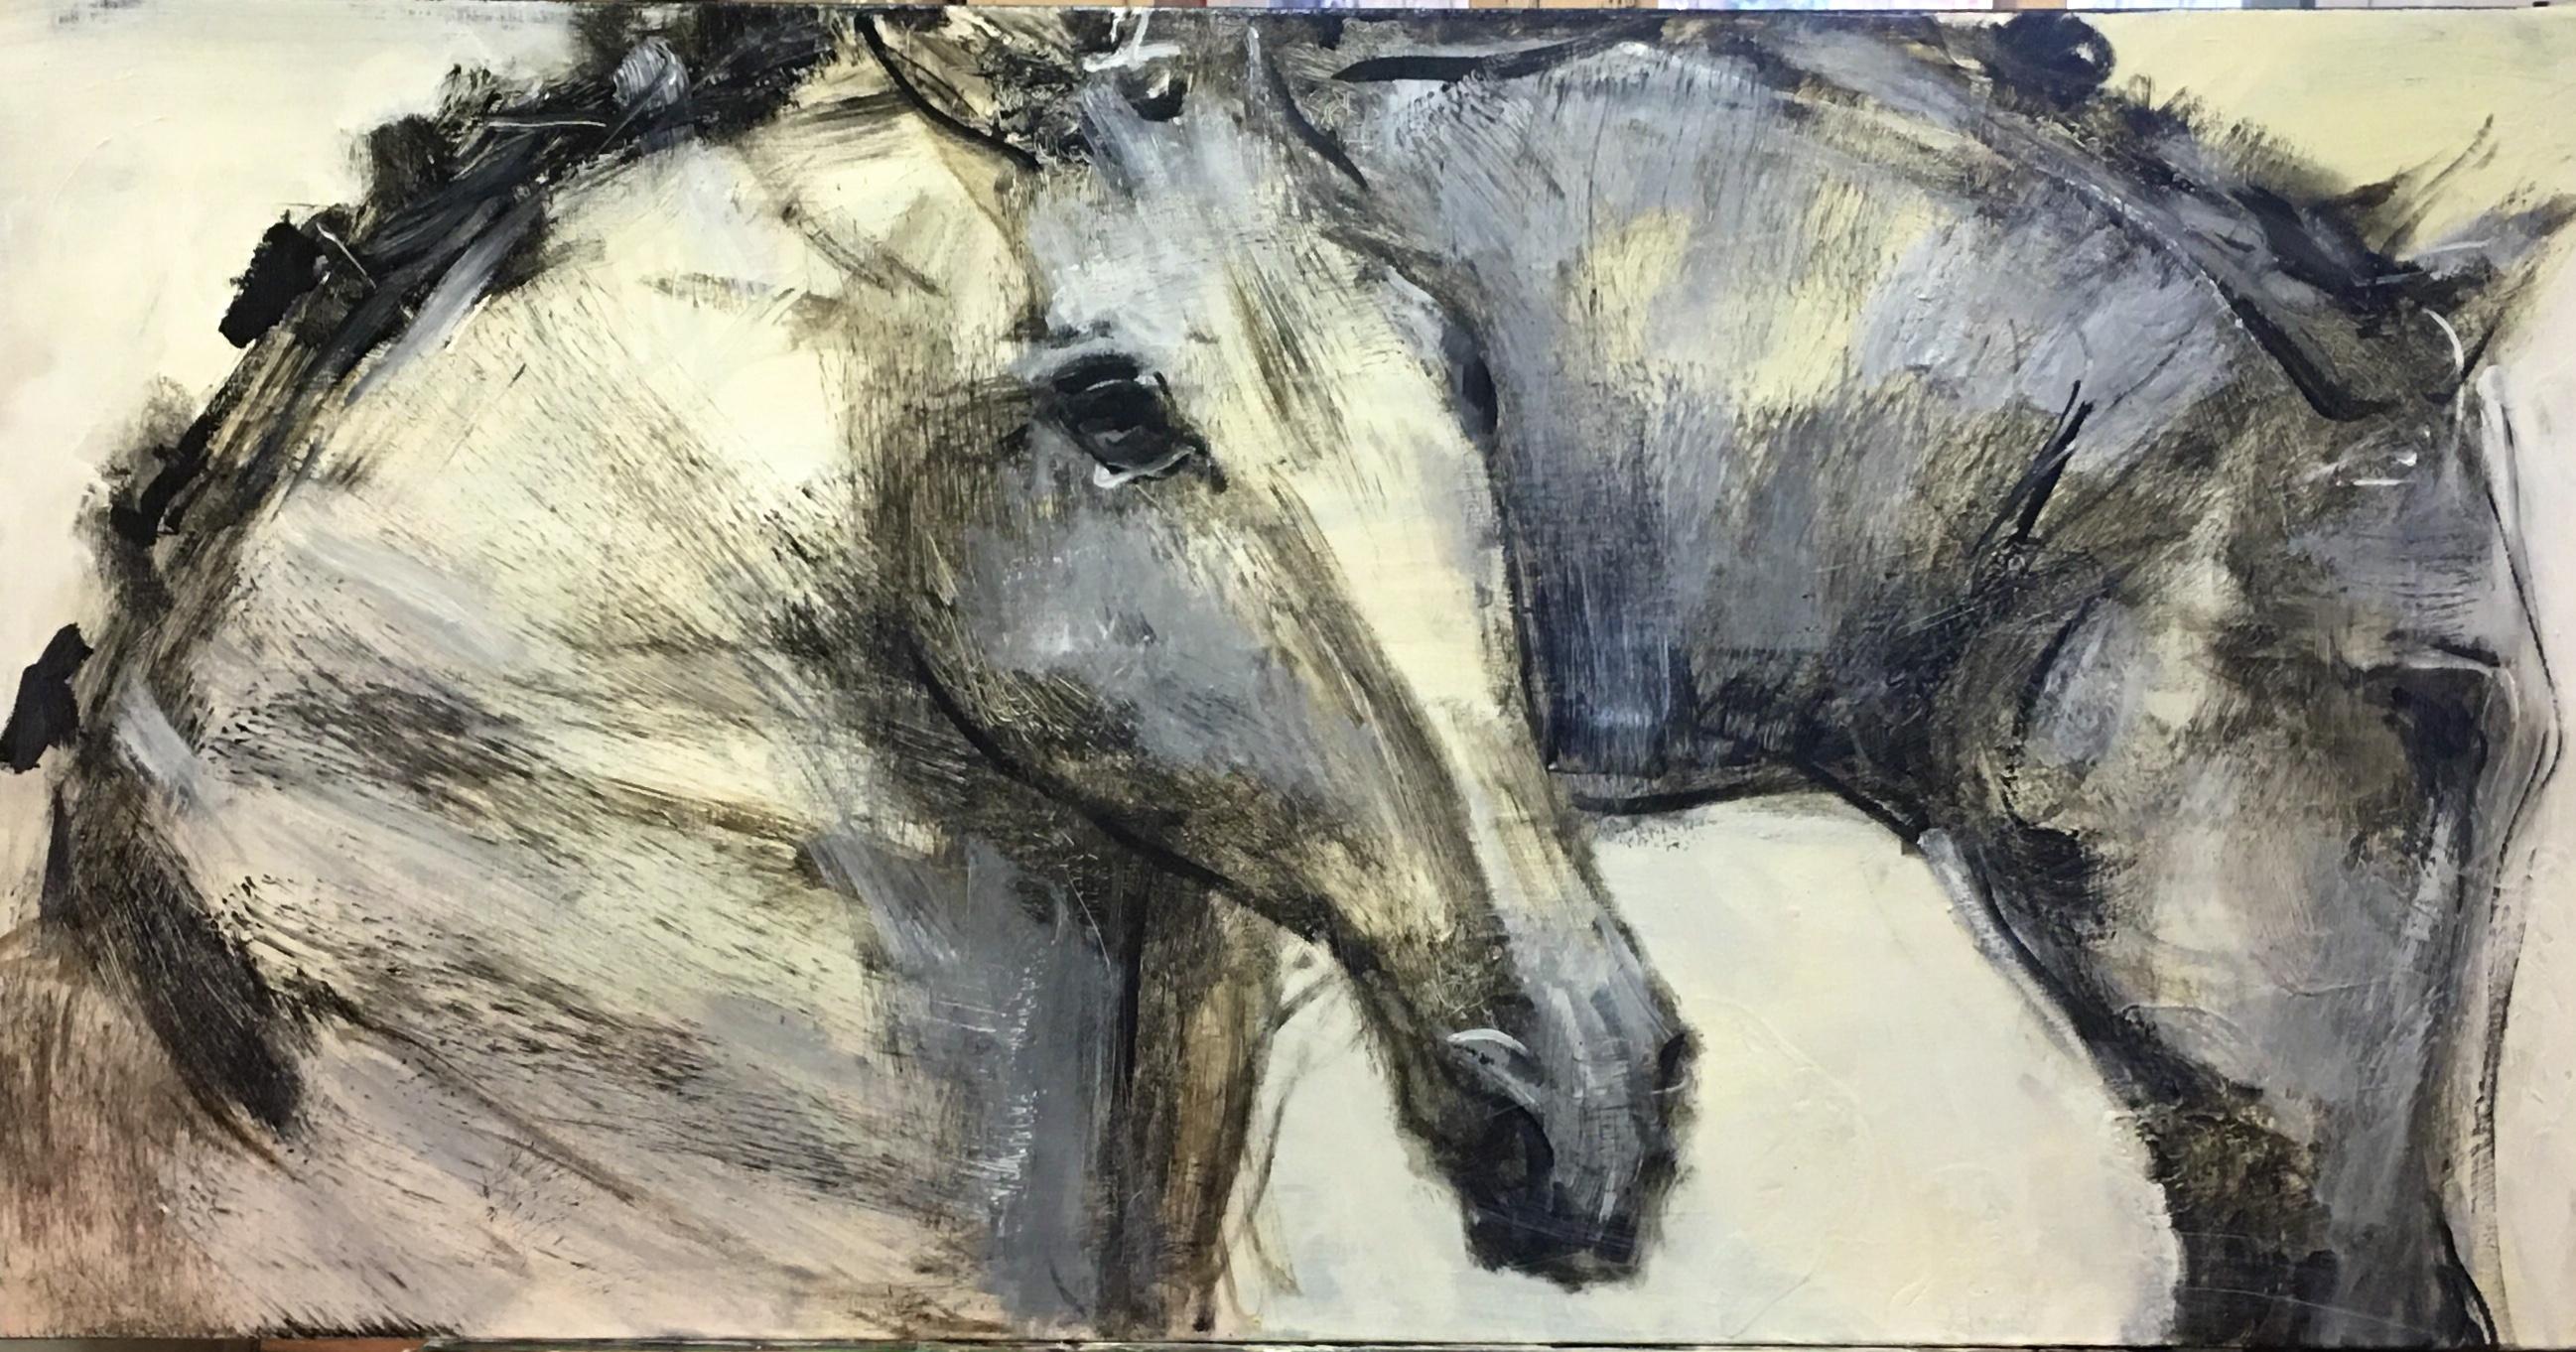 DA VINCIS HORSES 24 X 48  inches